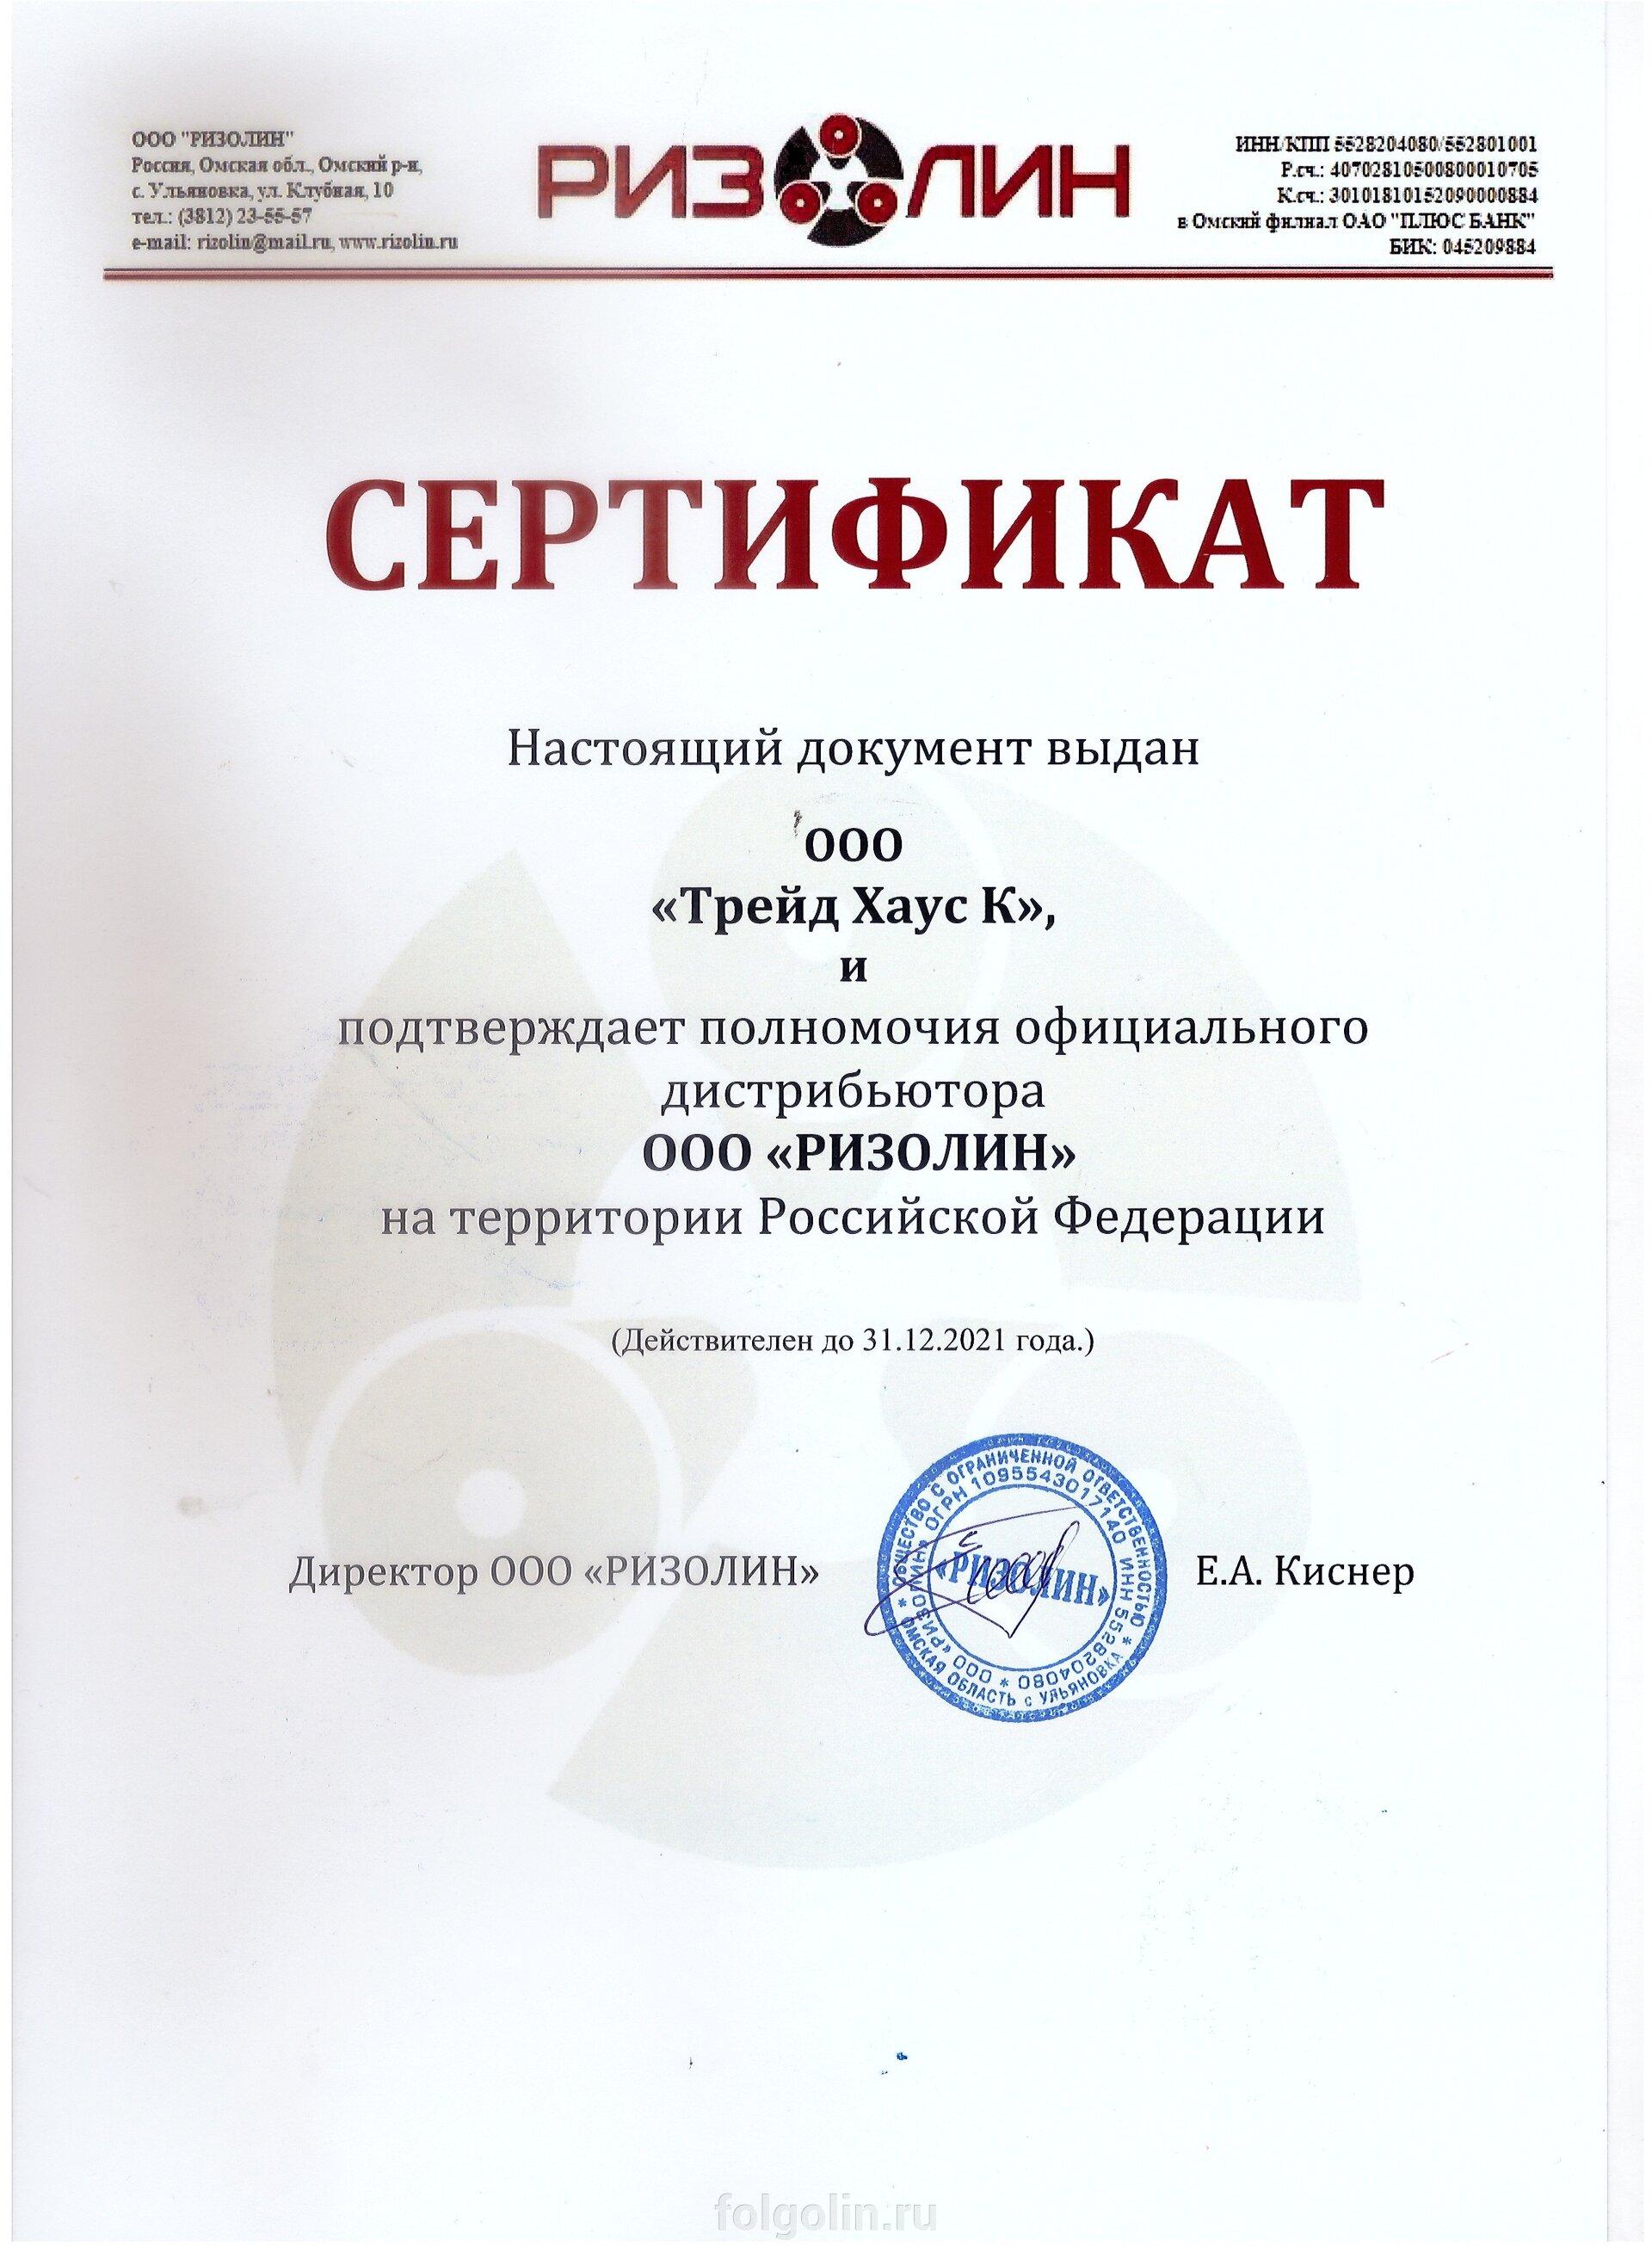 Сертификаты - фото pic_39e5afc9dd048bbce05f9cc9069ae4d0_1920x9000_1.jpg